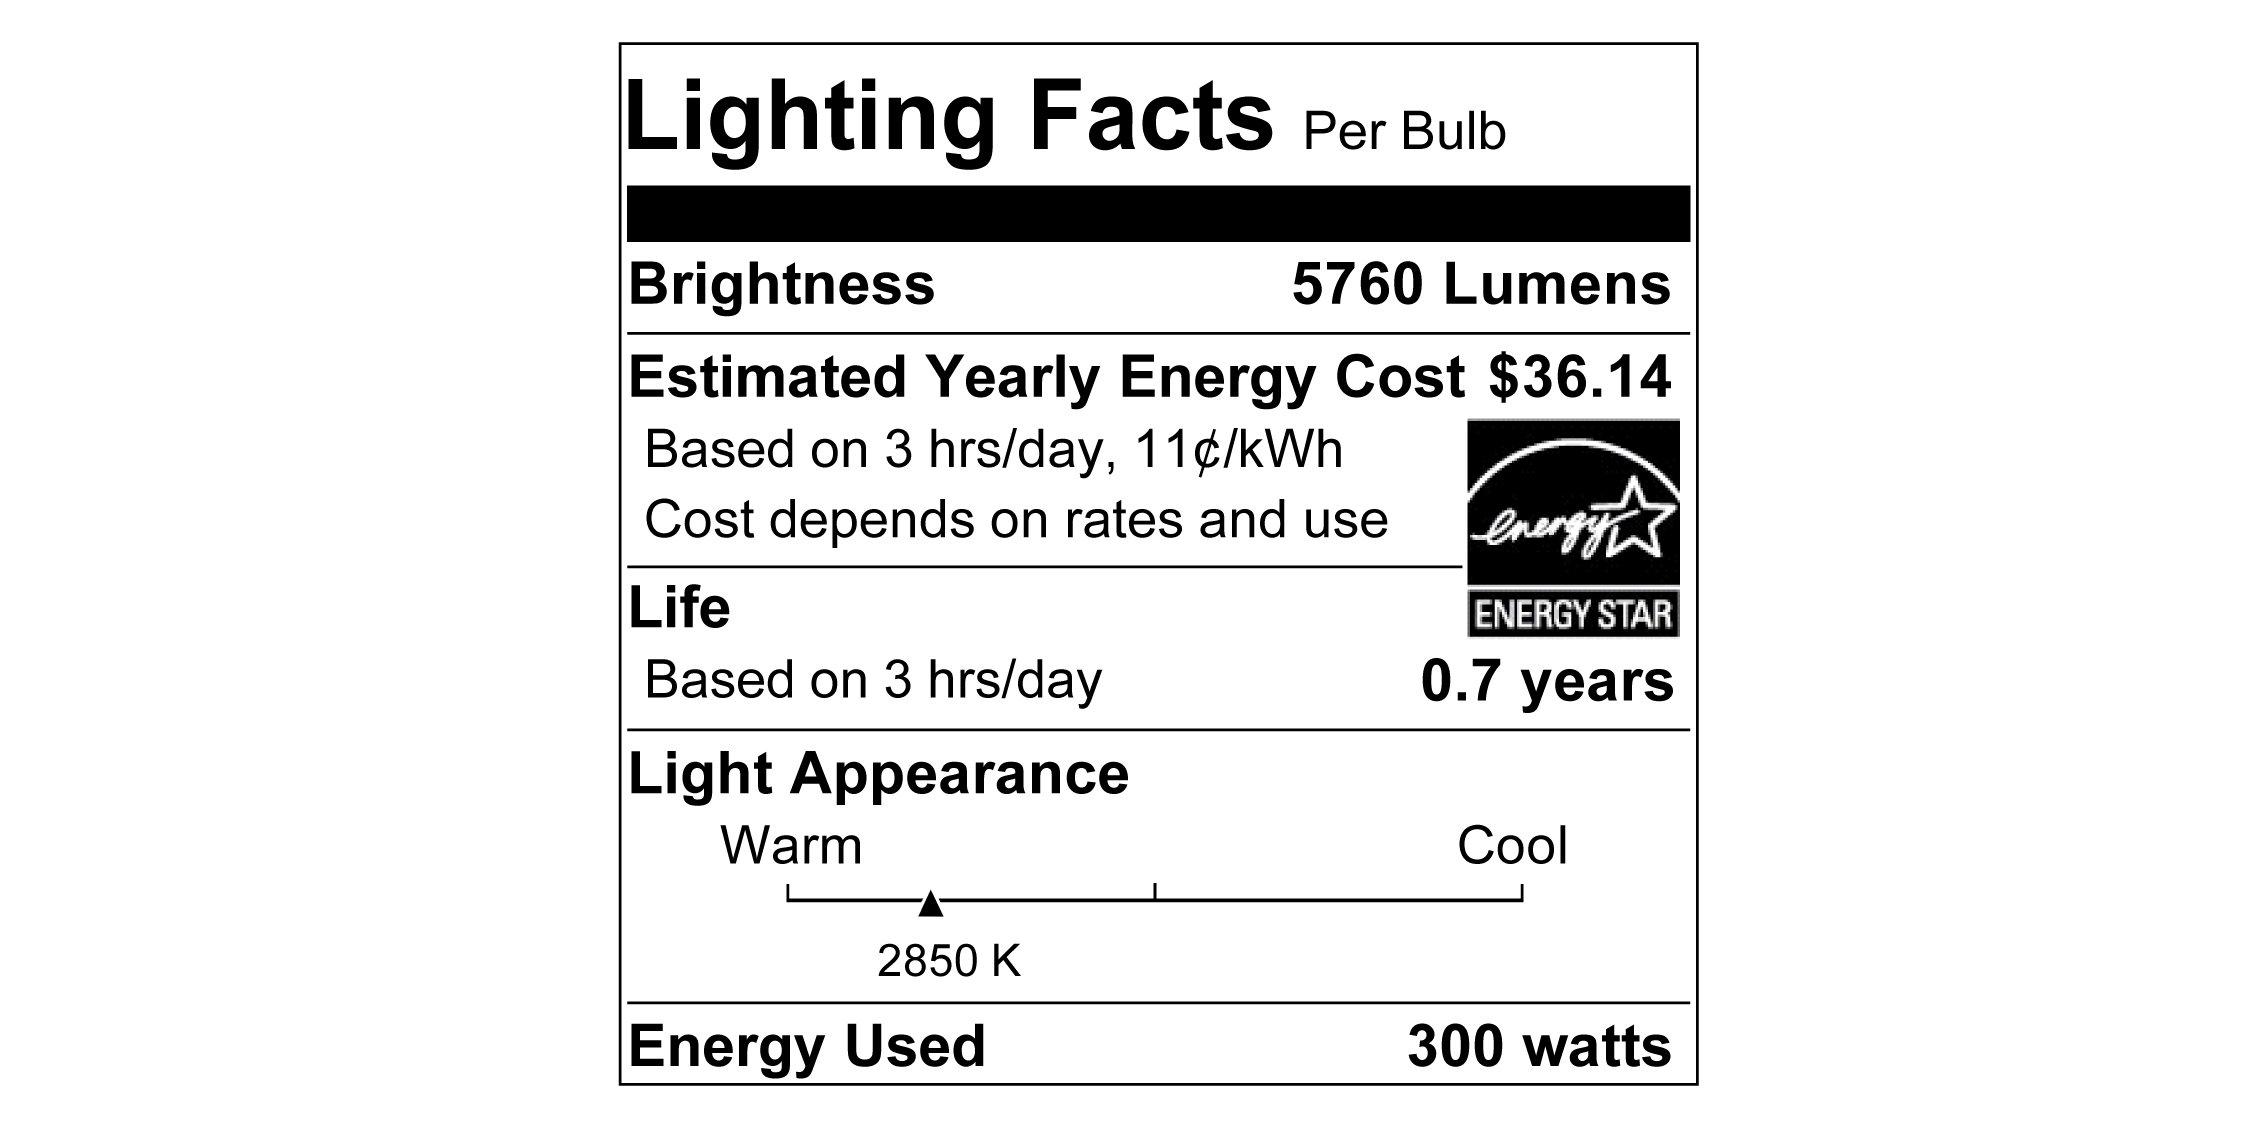 Sylvania 15738 Incandescent Lamp, 300 W, 130 V, Ps30, Medium Screw, 750 Hr, 6 Pack, 6 Bulb